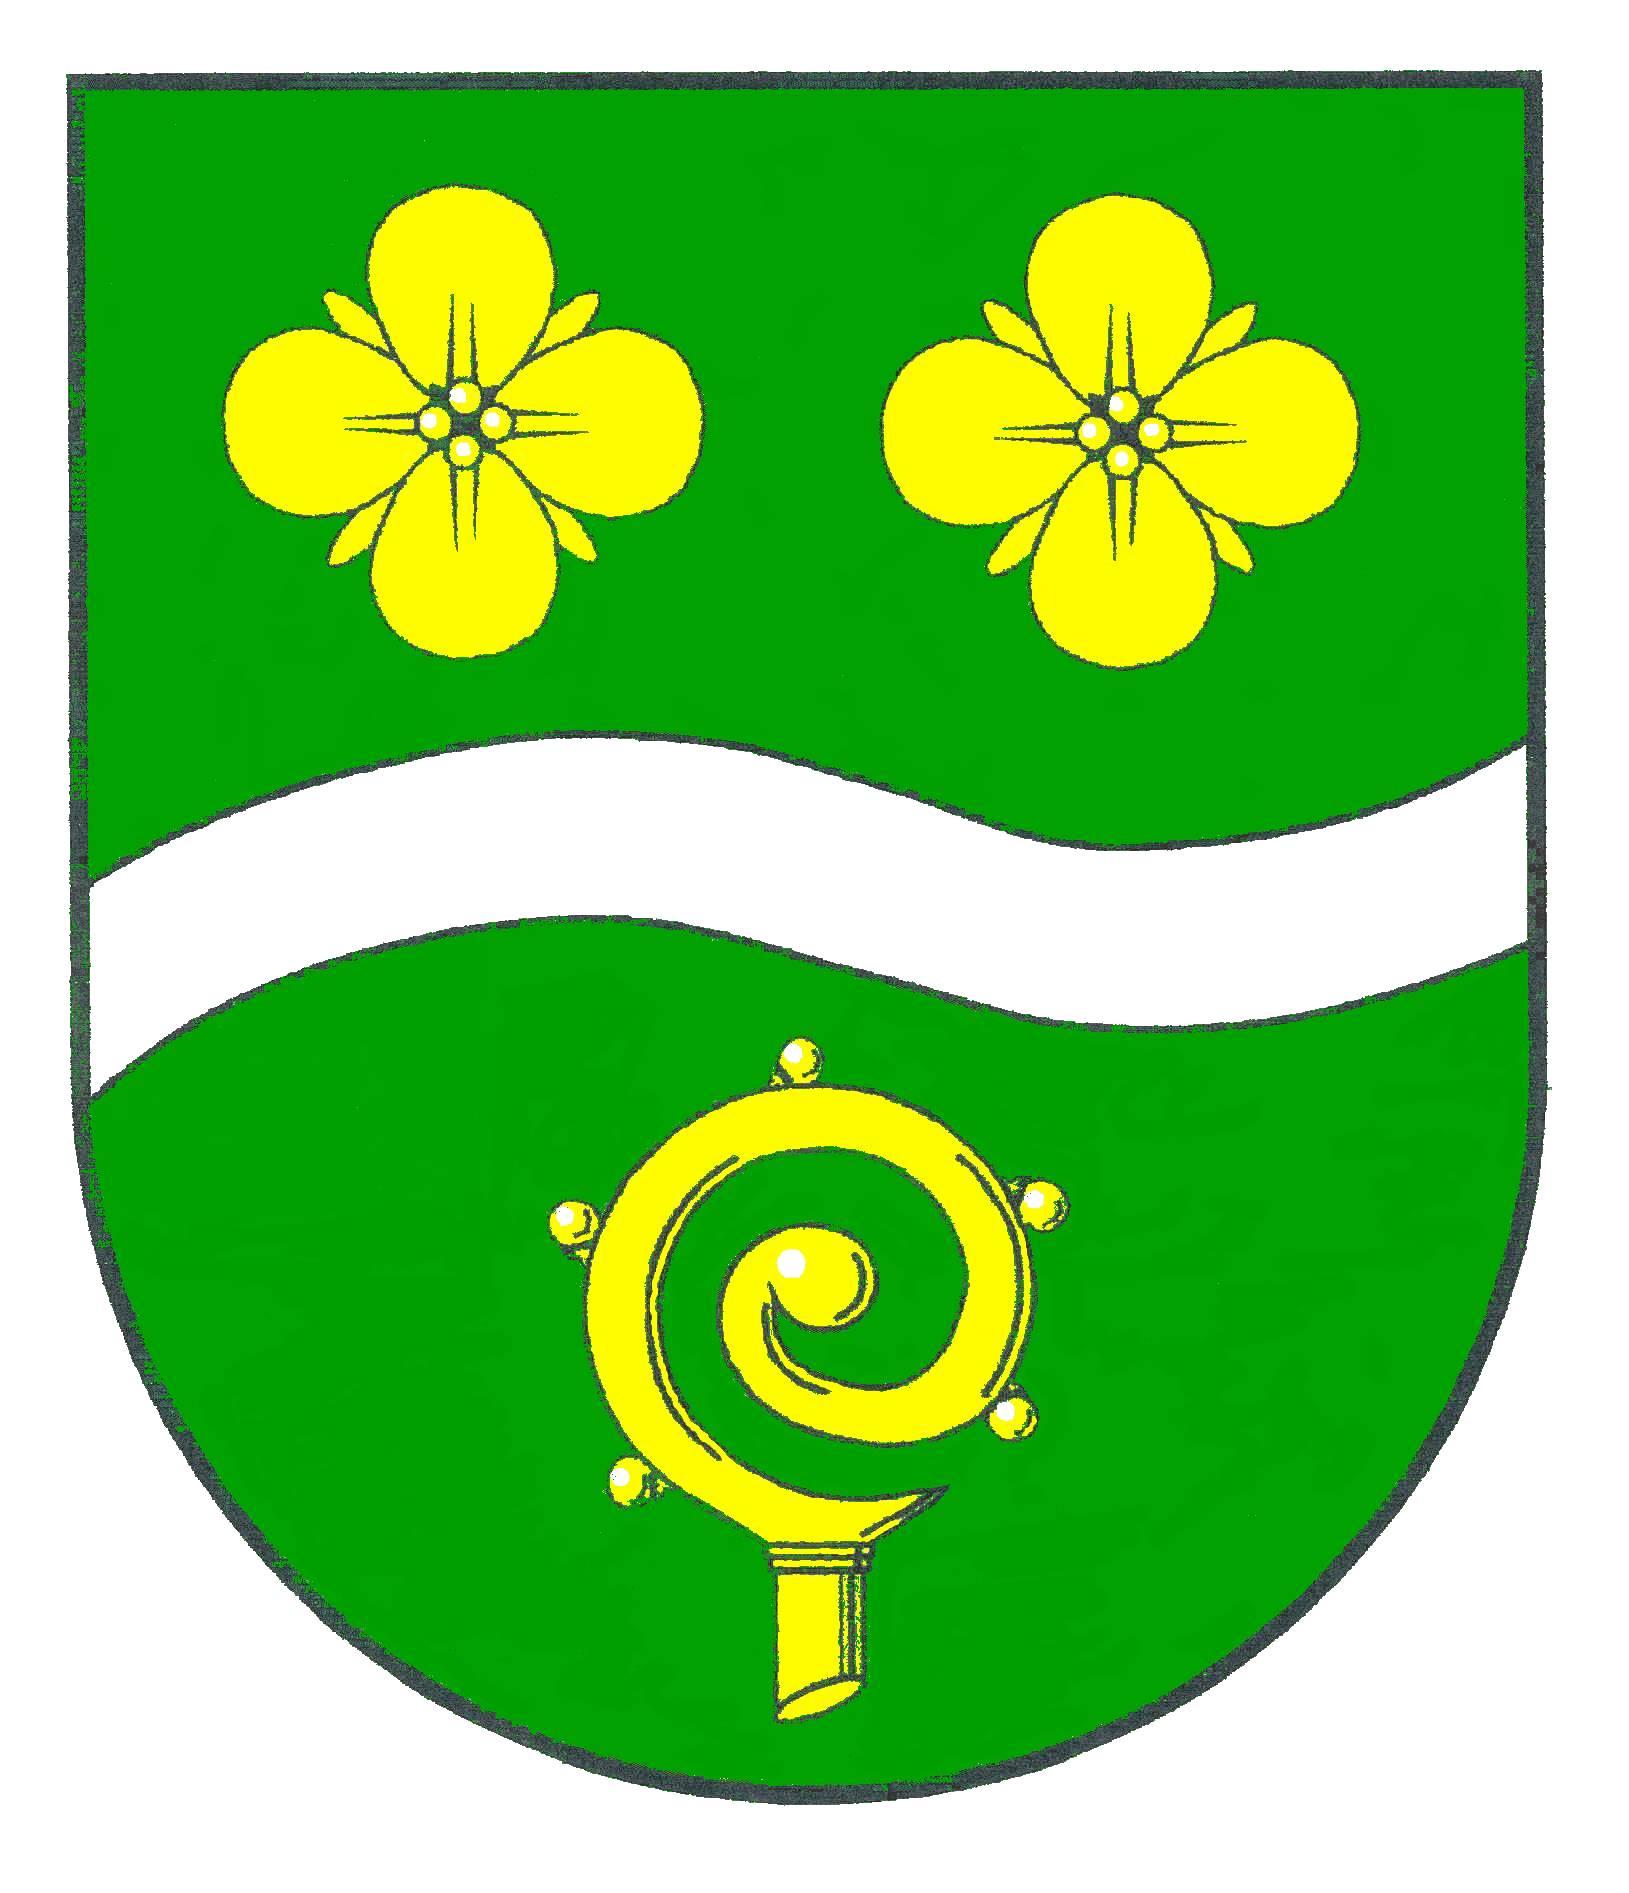 Wappen GemeindeKrummbek, Kreis Plön